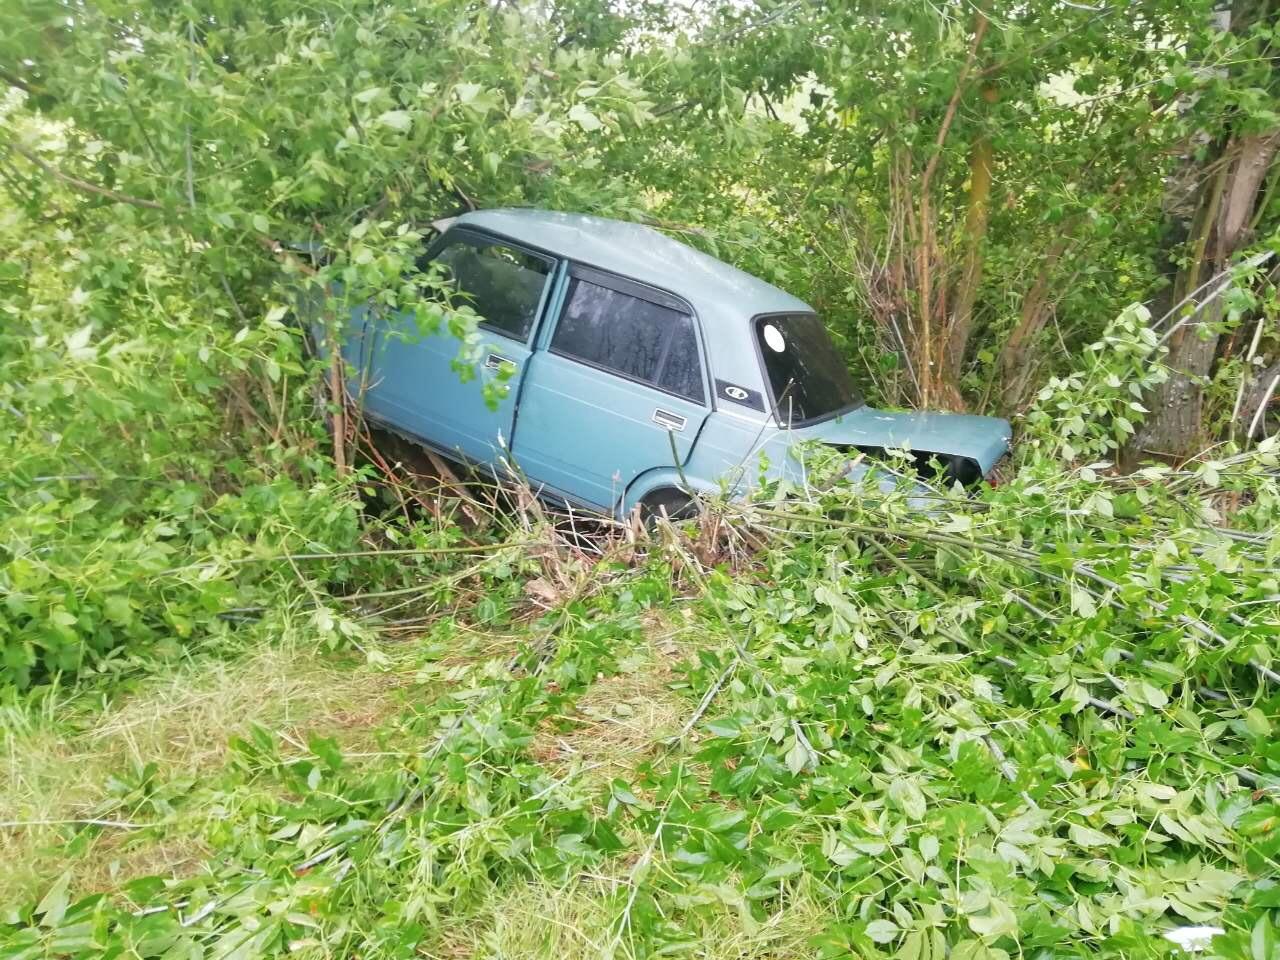 В Дубровском районе пьяный водитель ВАЗа покалечил себя и пассажира